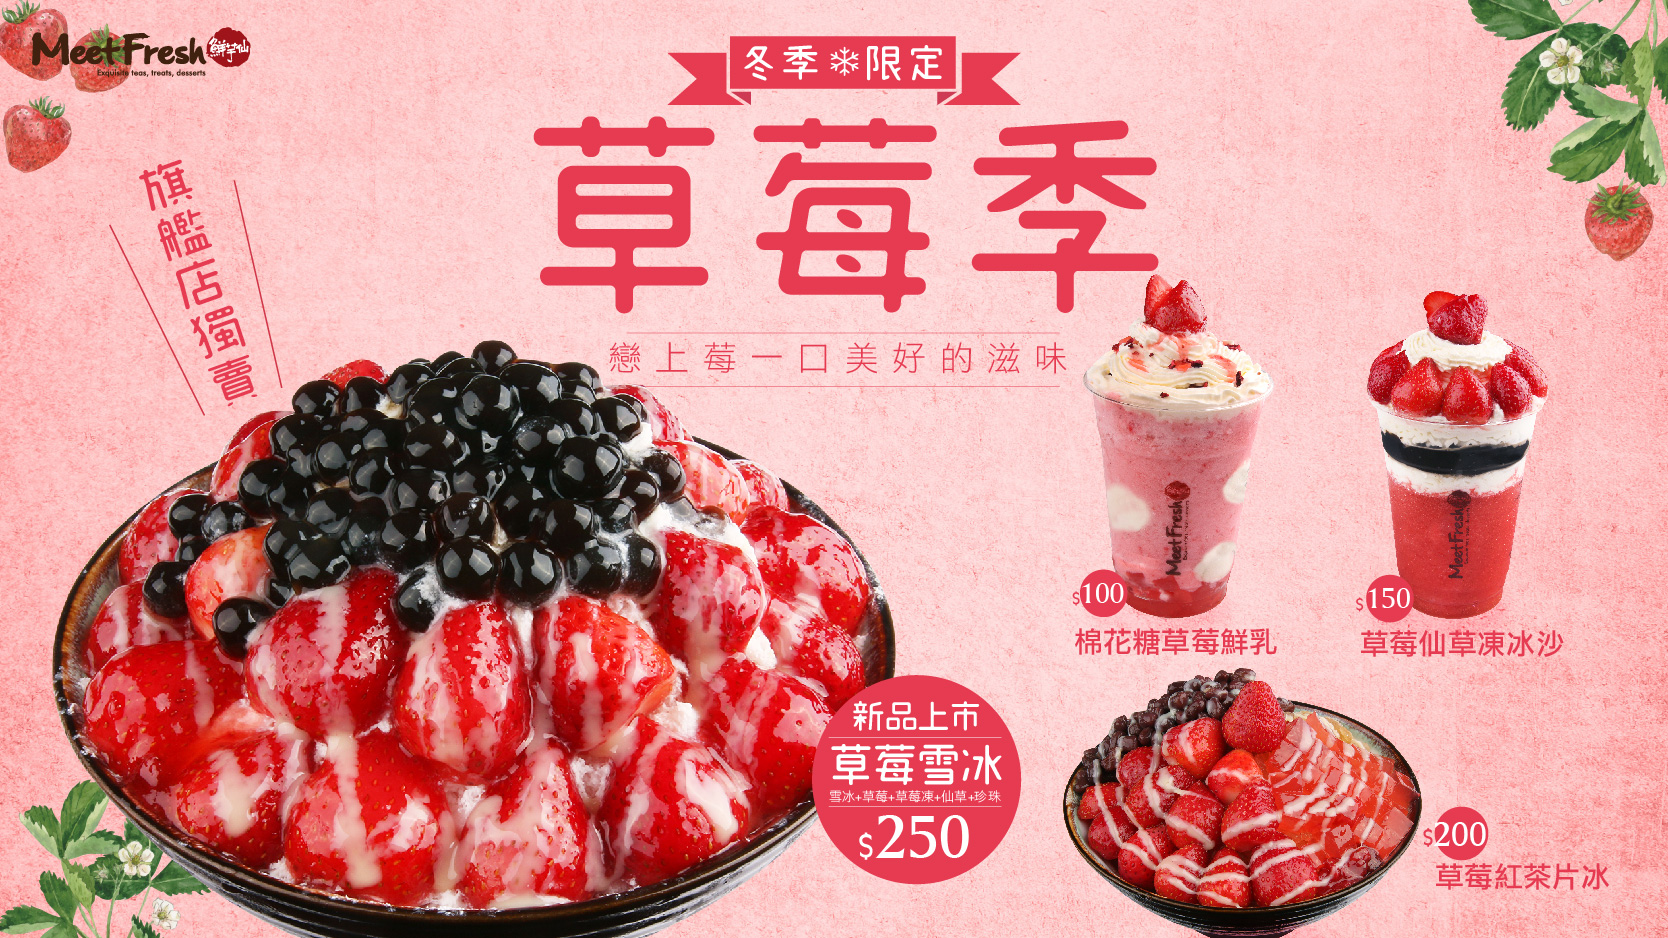 冬季限定草莓季